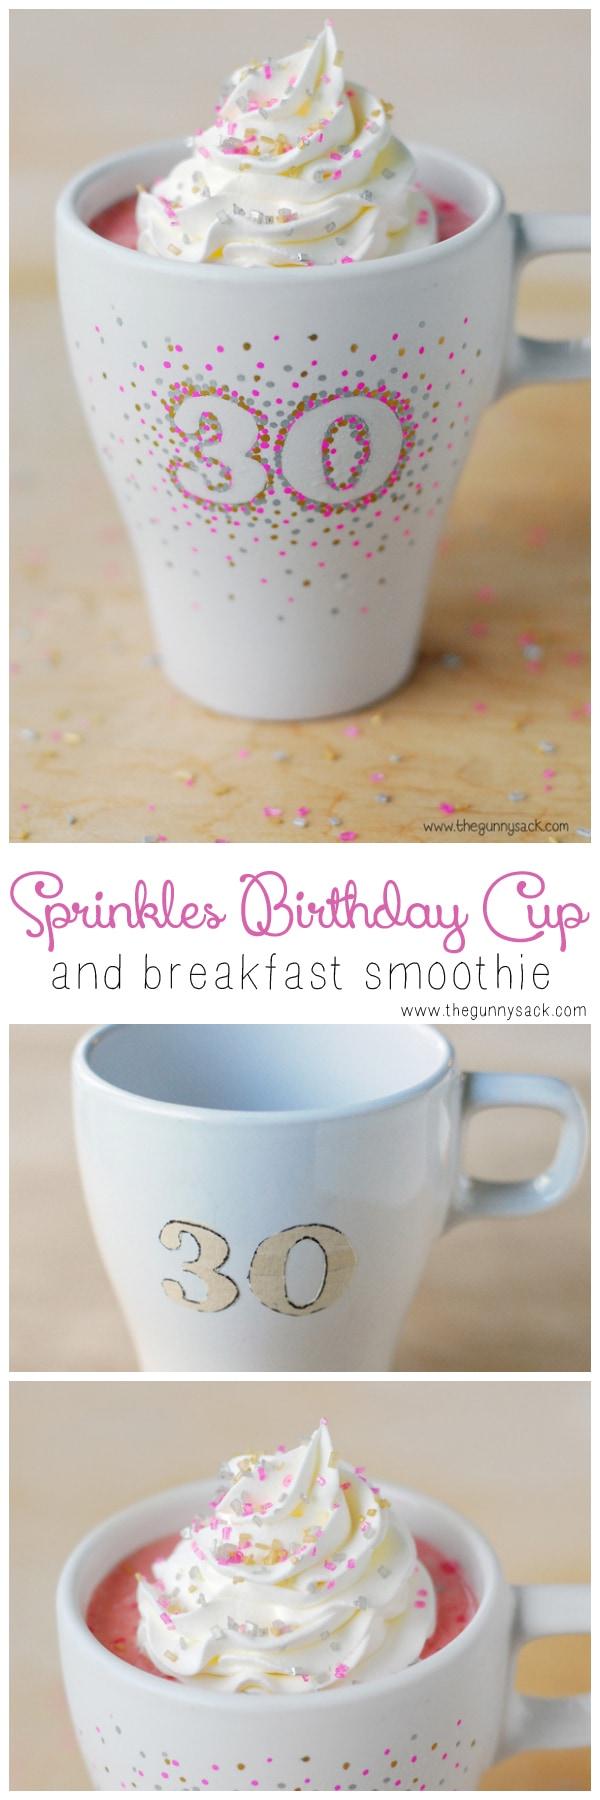 Sprinkles Birthday Cup Breakfast Smoothie